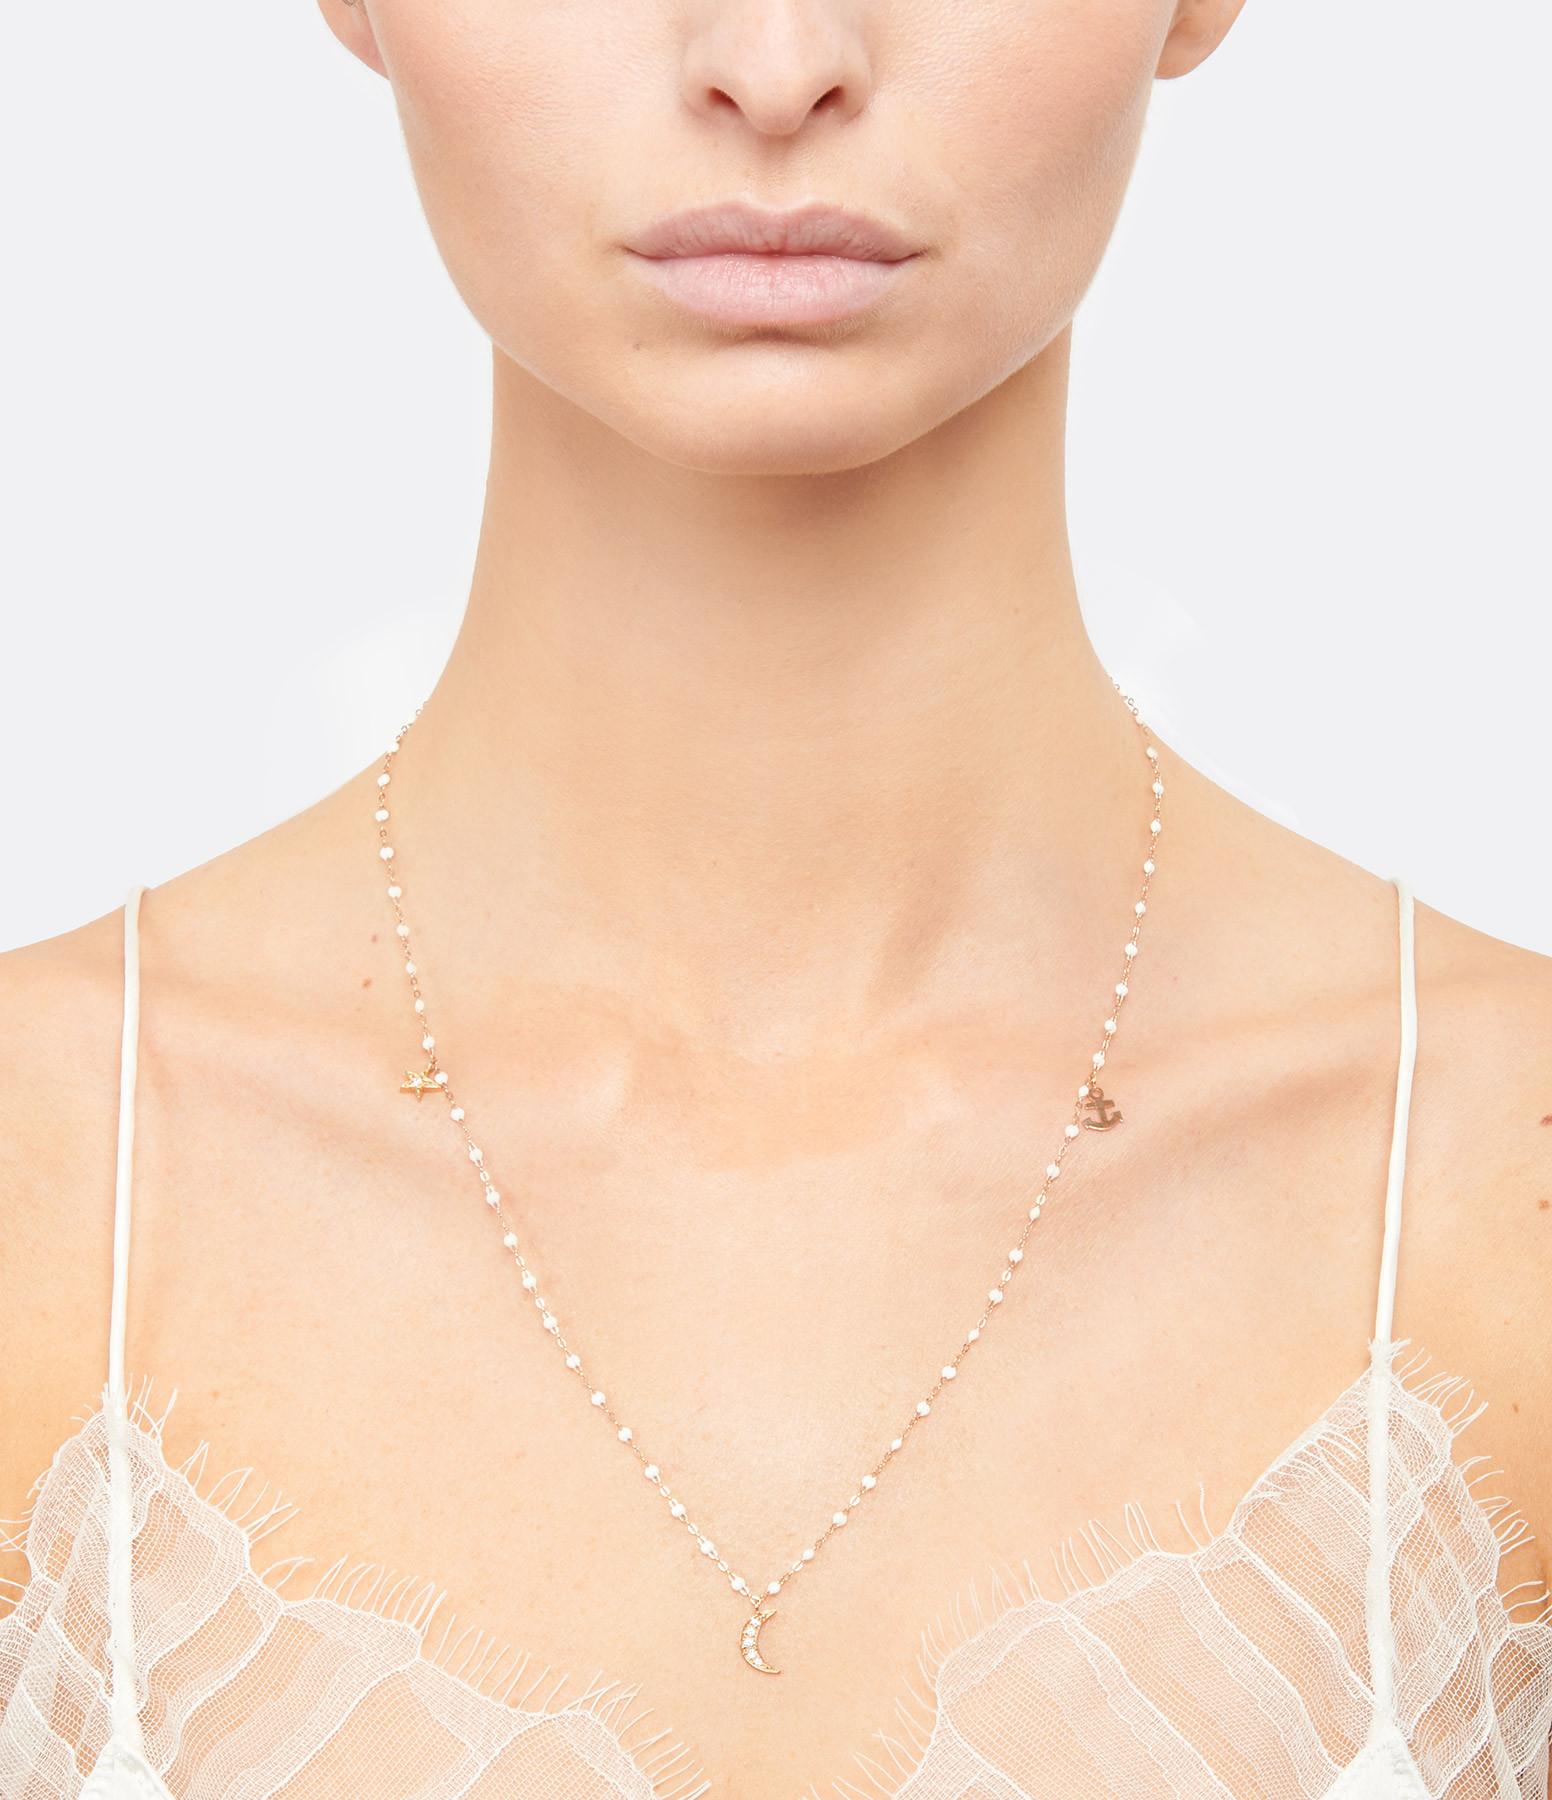 GIGI CLOZEAU - Collier Lune Ancre Étoile Perles Résine Or Diamants